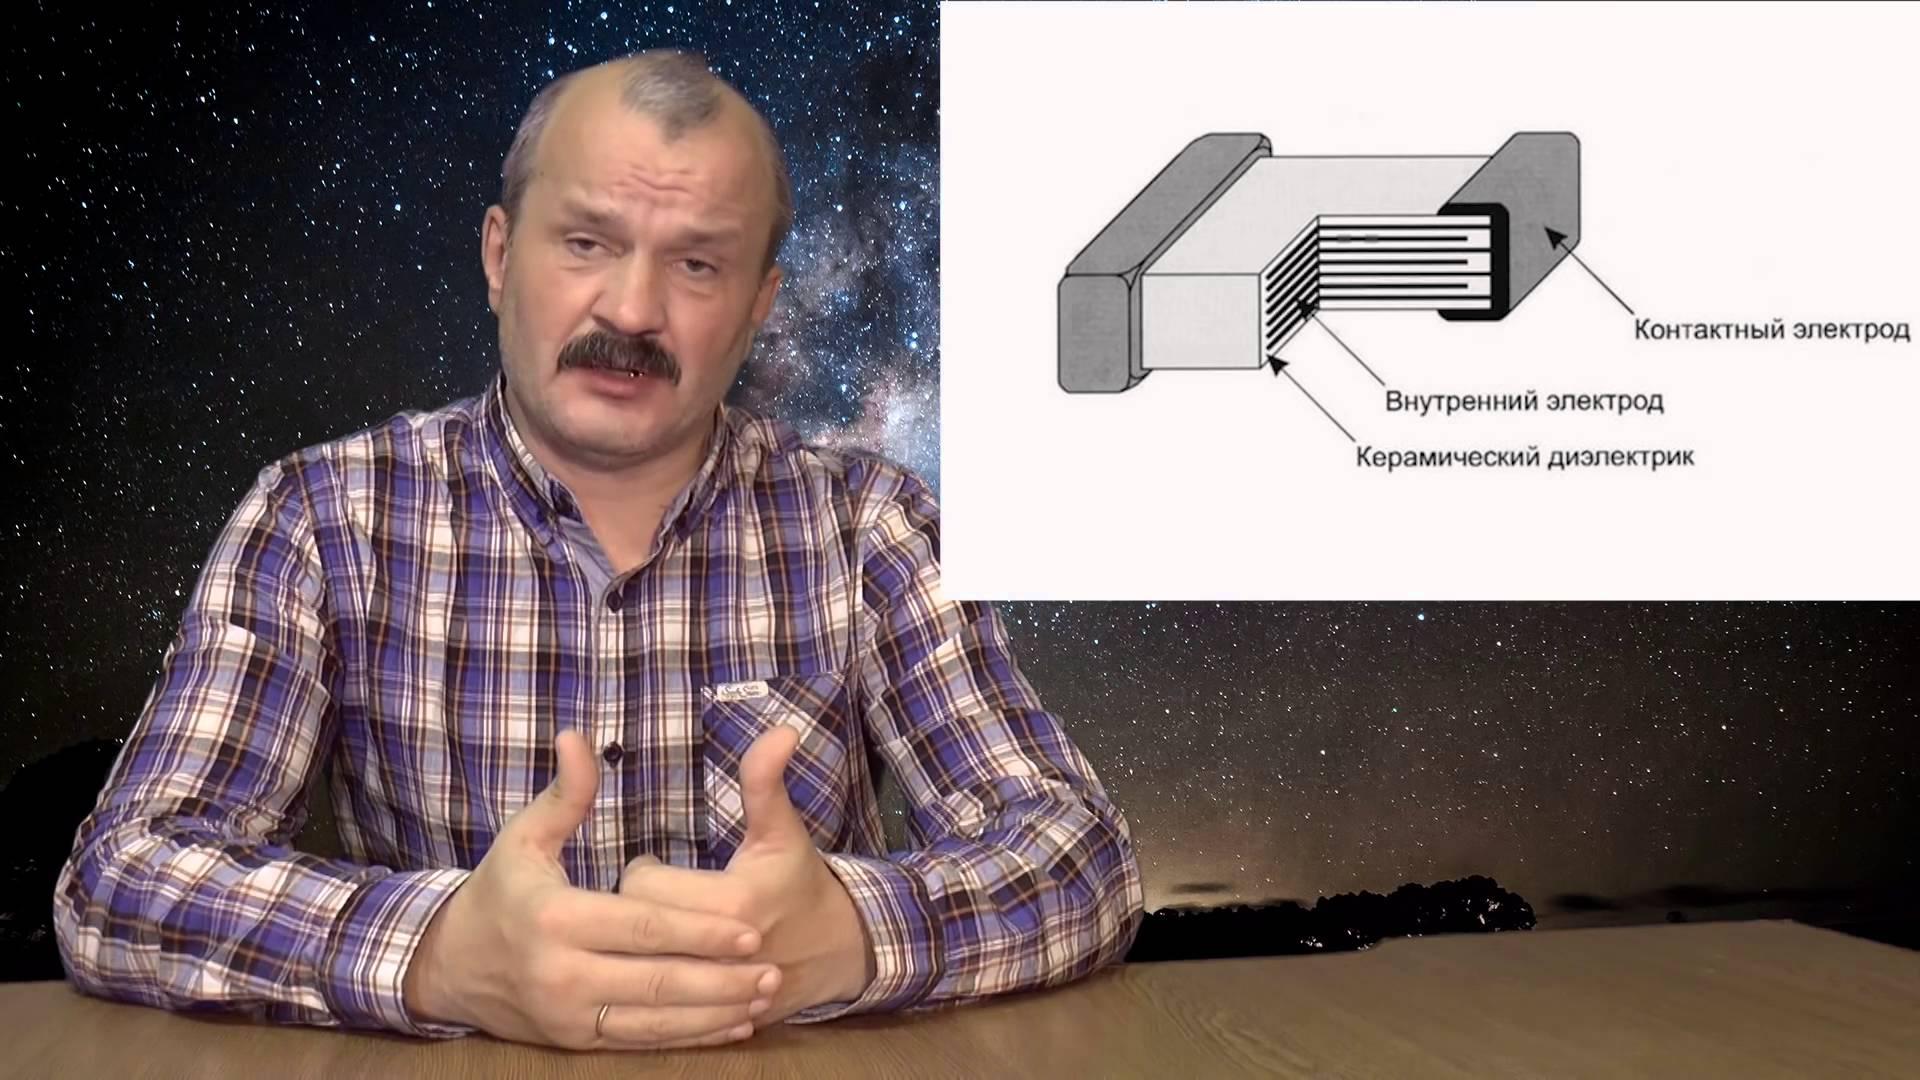 Алексей Кунгуров. Технологии Тесла в сооружениях Питера